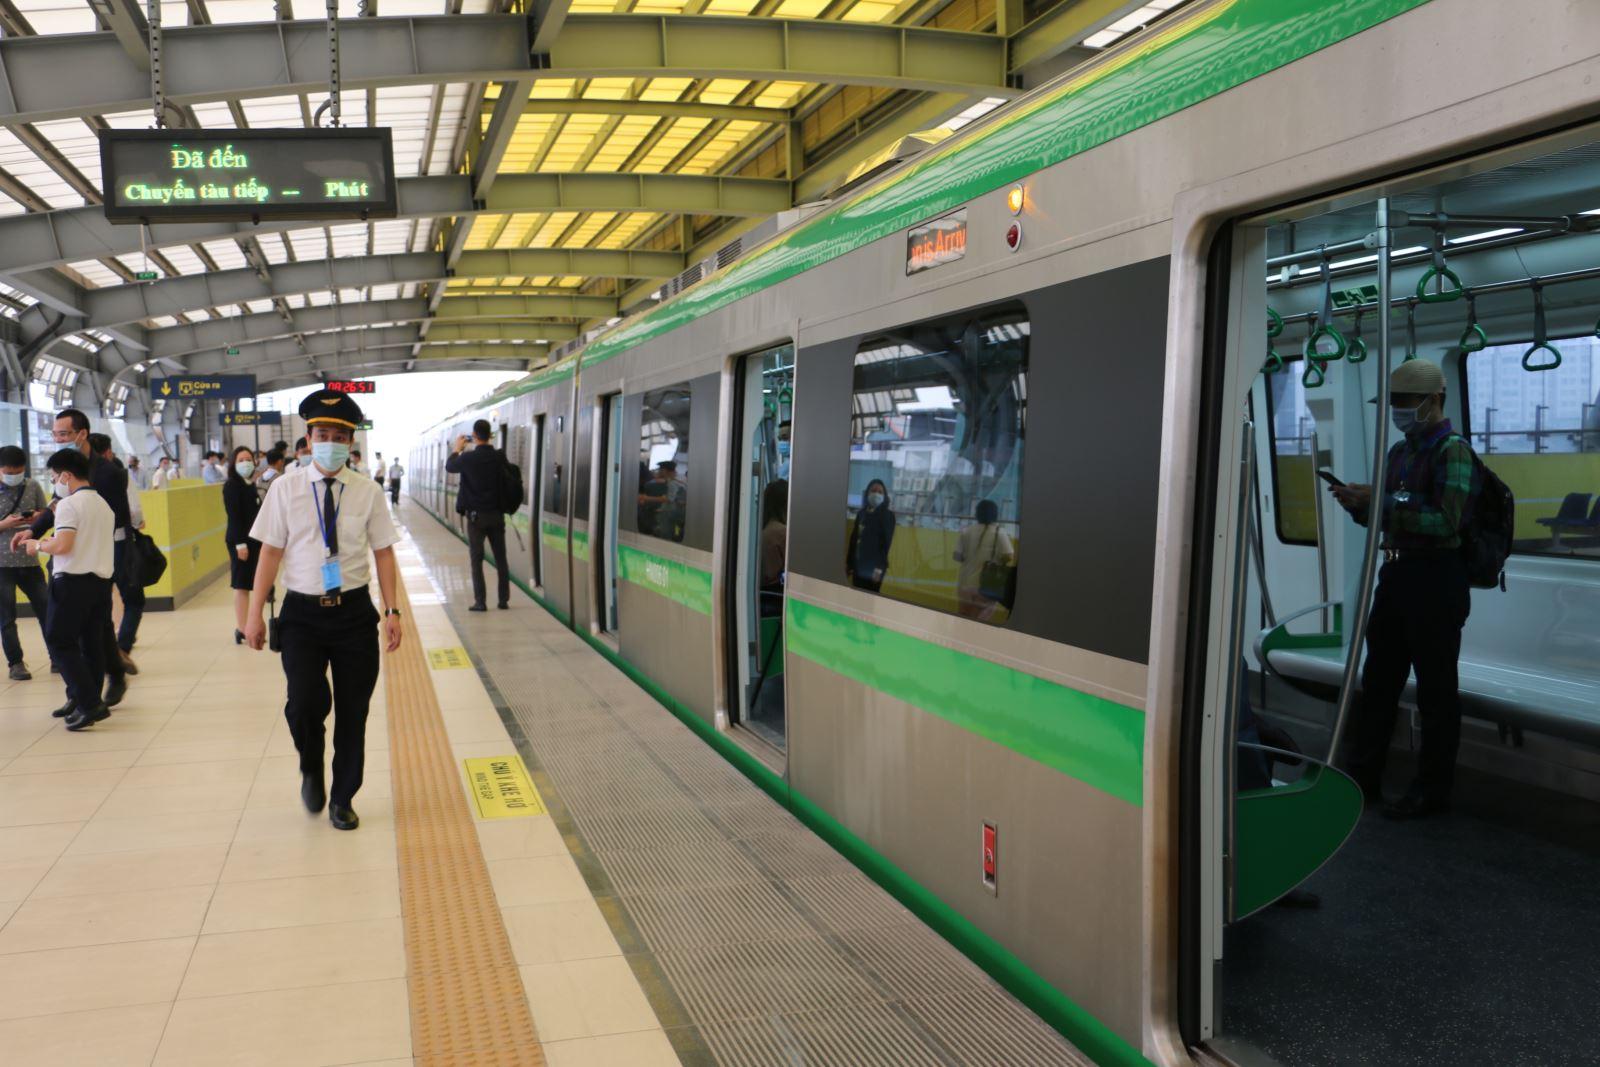 """Thứ trưởng Bộ GTVT: """"Dự án Đường sắt Cát Linh - Hà Đông hoàn thành giai đoạn đầu tư xây dựng"""""""